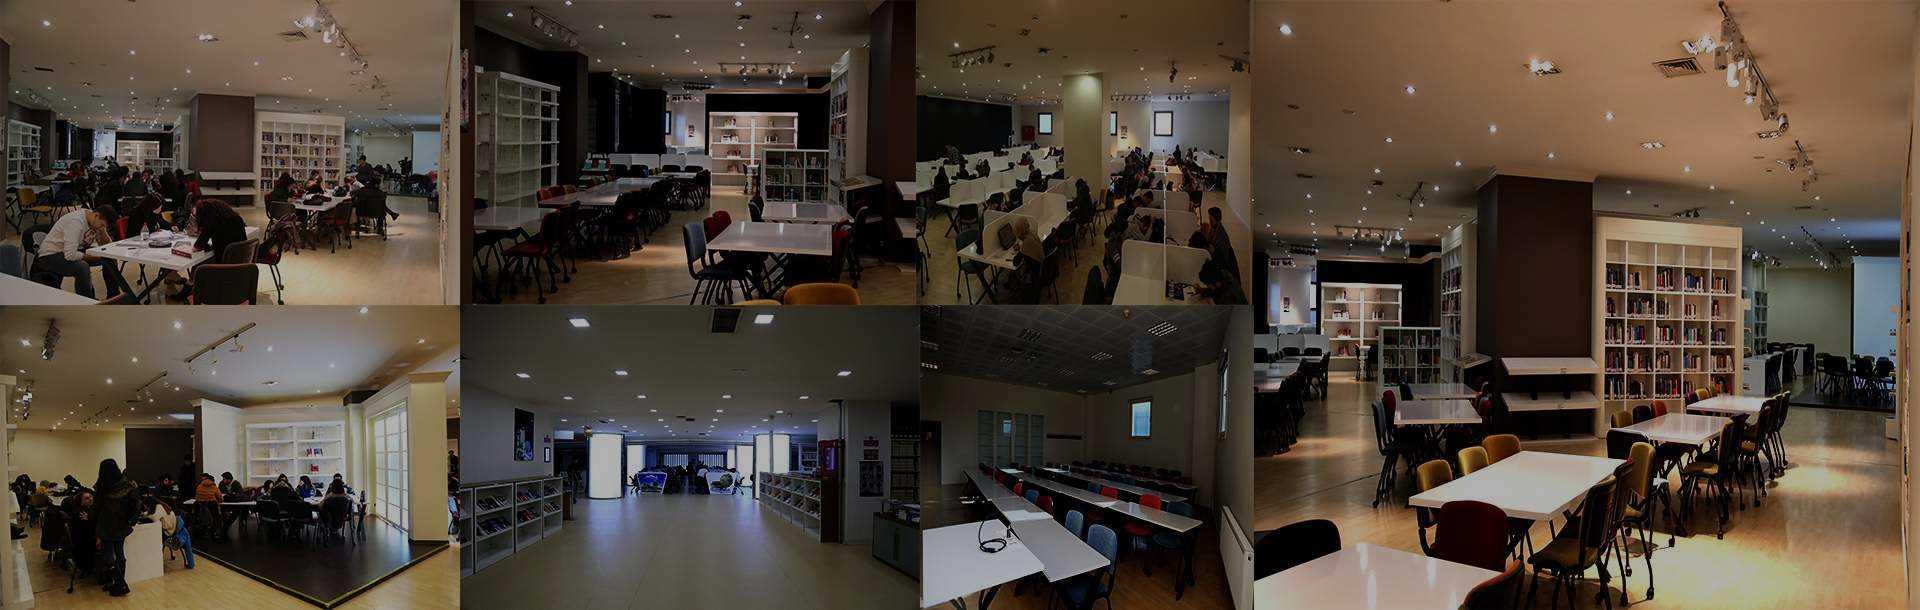 İstanbul Gelişim Üniversitesi Kütüphane